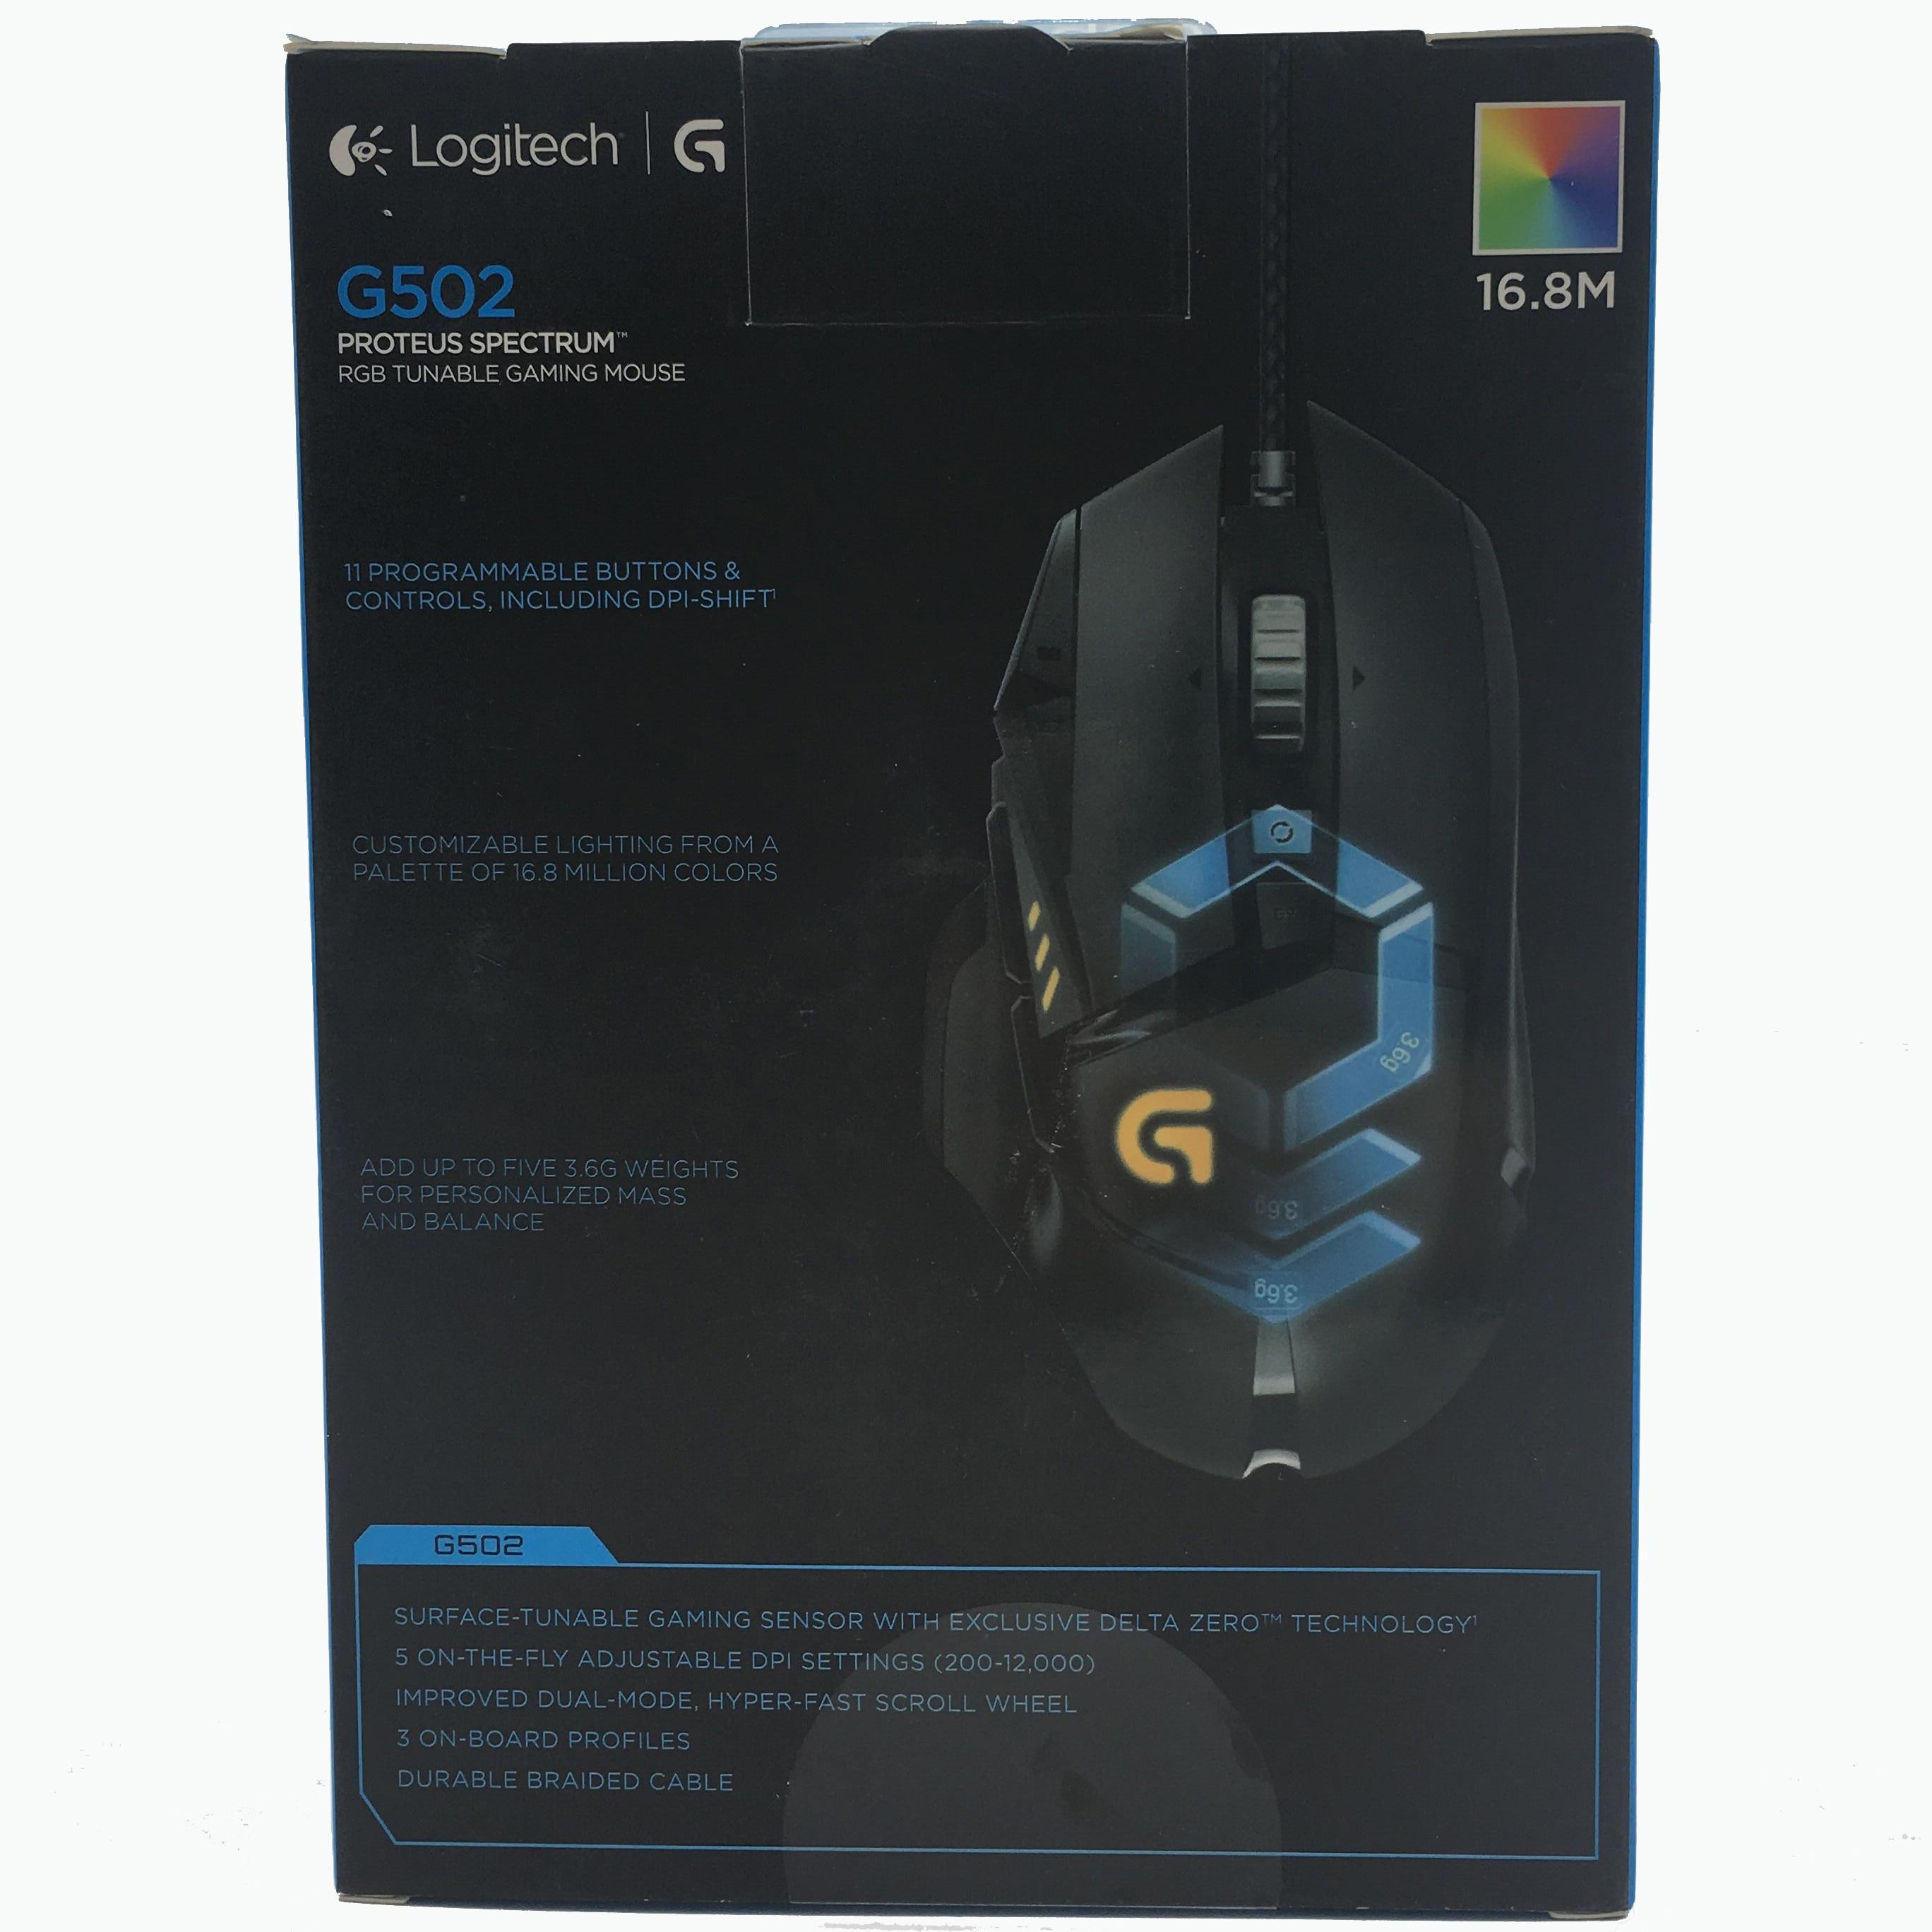 100% Оригинальная английская упаковка logitech G502 RGB светодиодный Proteus Spectrum настраиваемая Лазерная игровая мышь USB Проводная 12000 dpi геймерская мыш... - 2